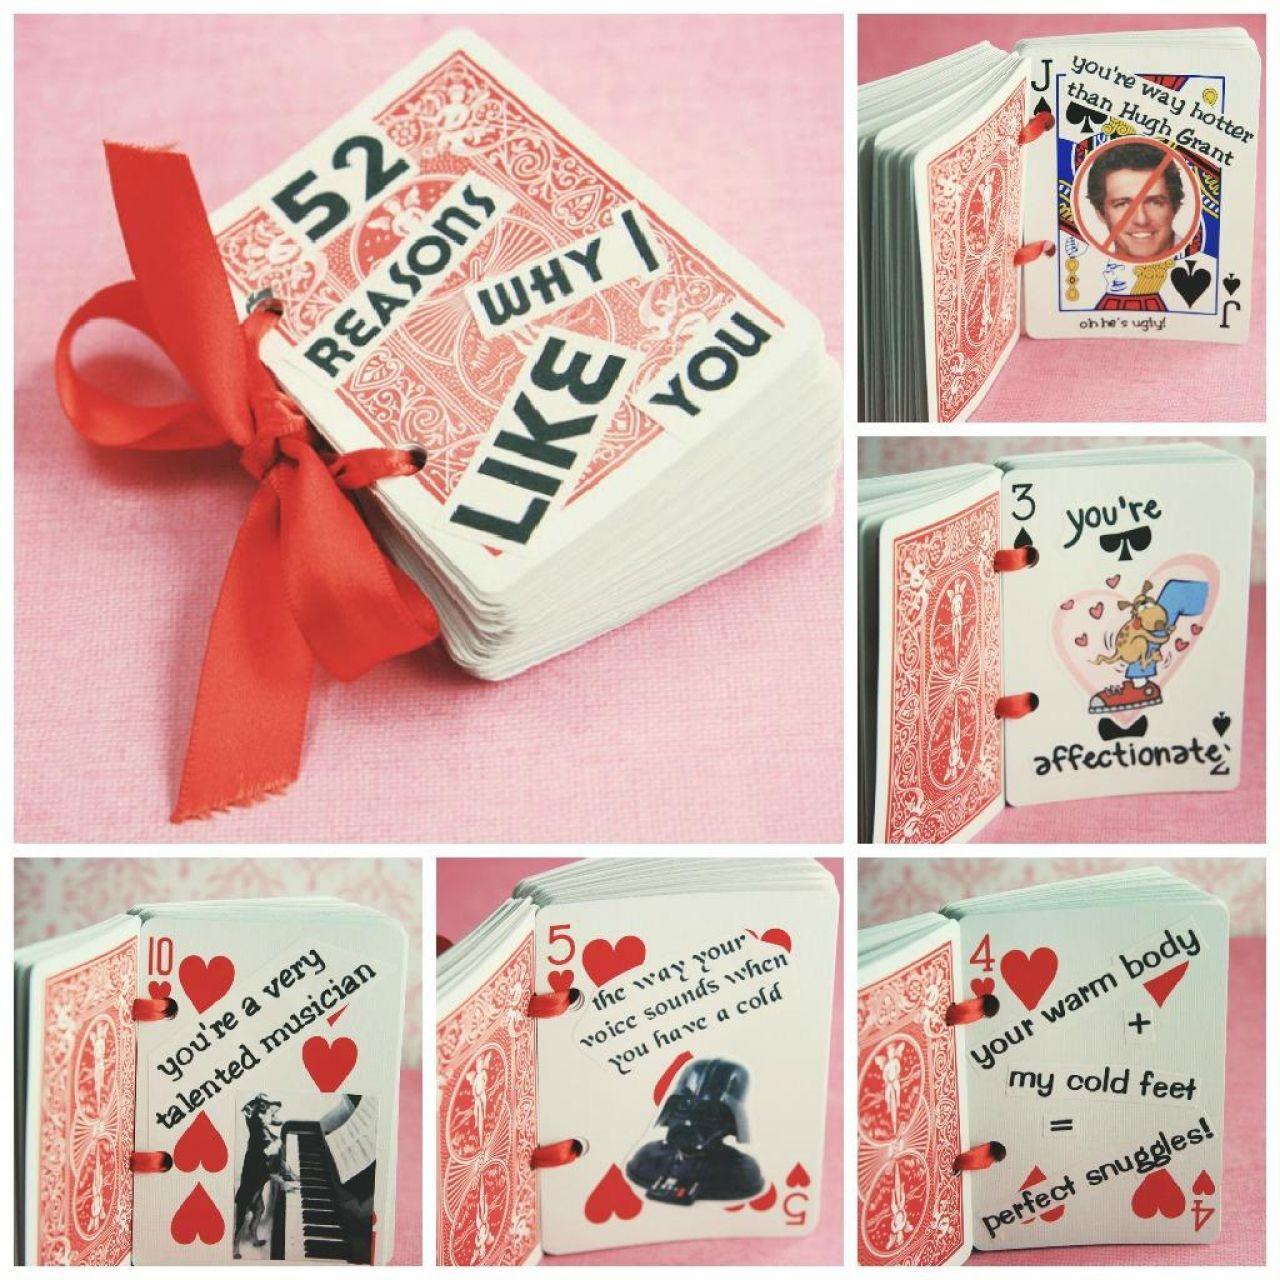 Valentine Day Gift Ideas For Best Friend  24 LOVELY VALENTINE S DAY GIFTS FOR YOUR BOYFRIEND